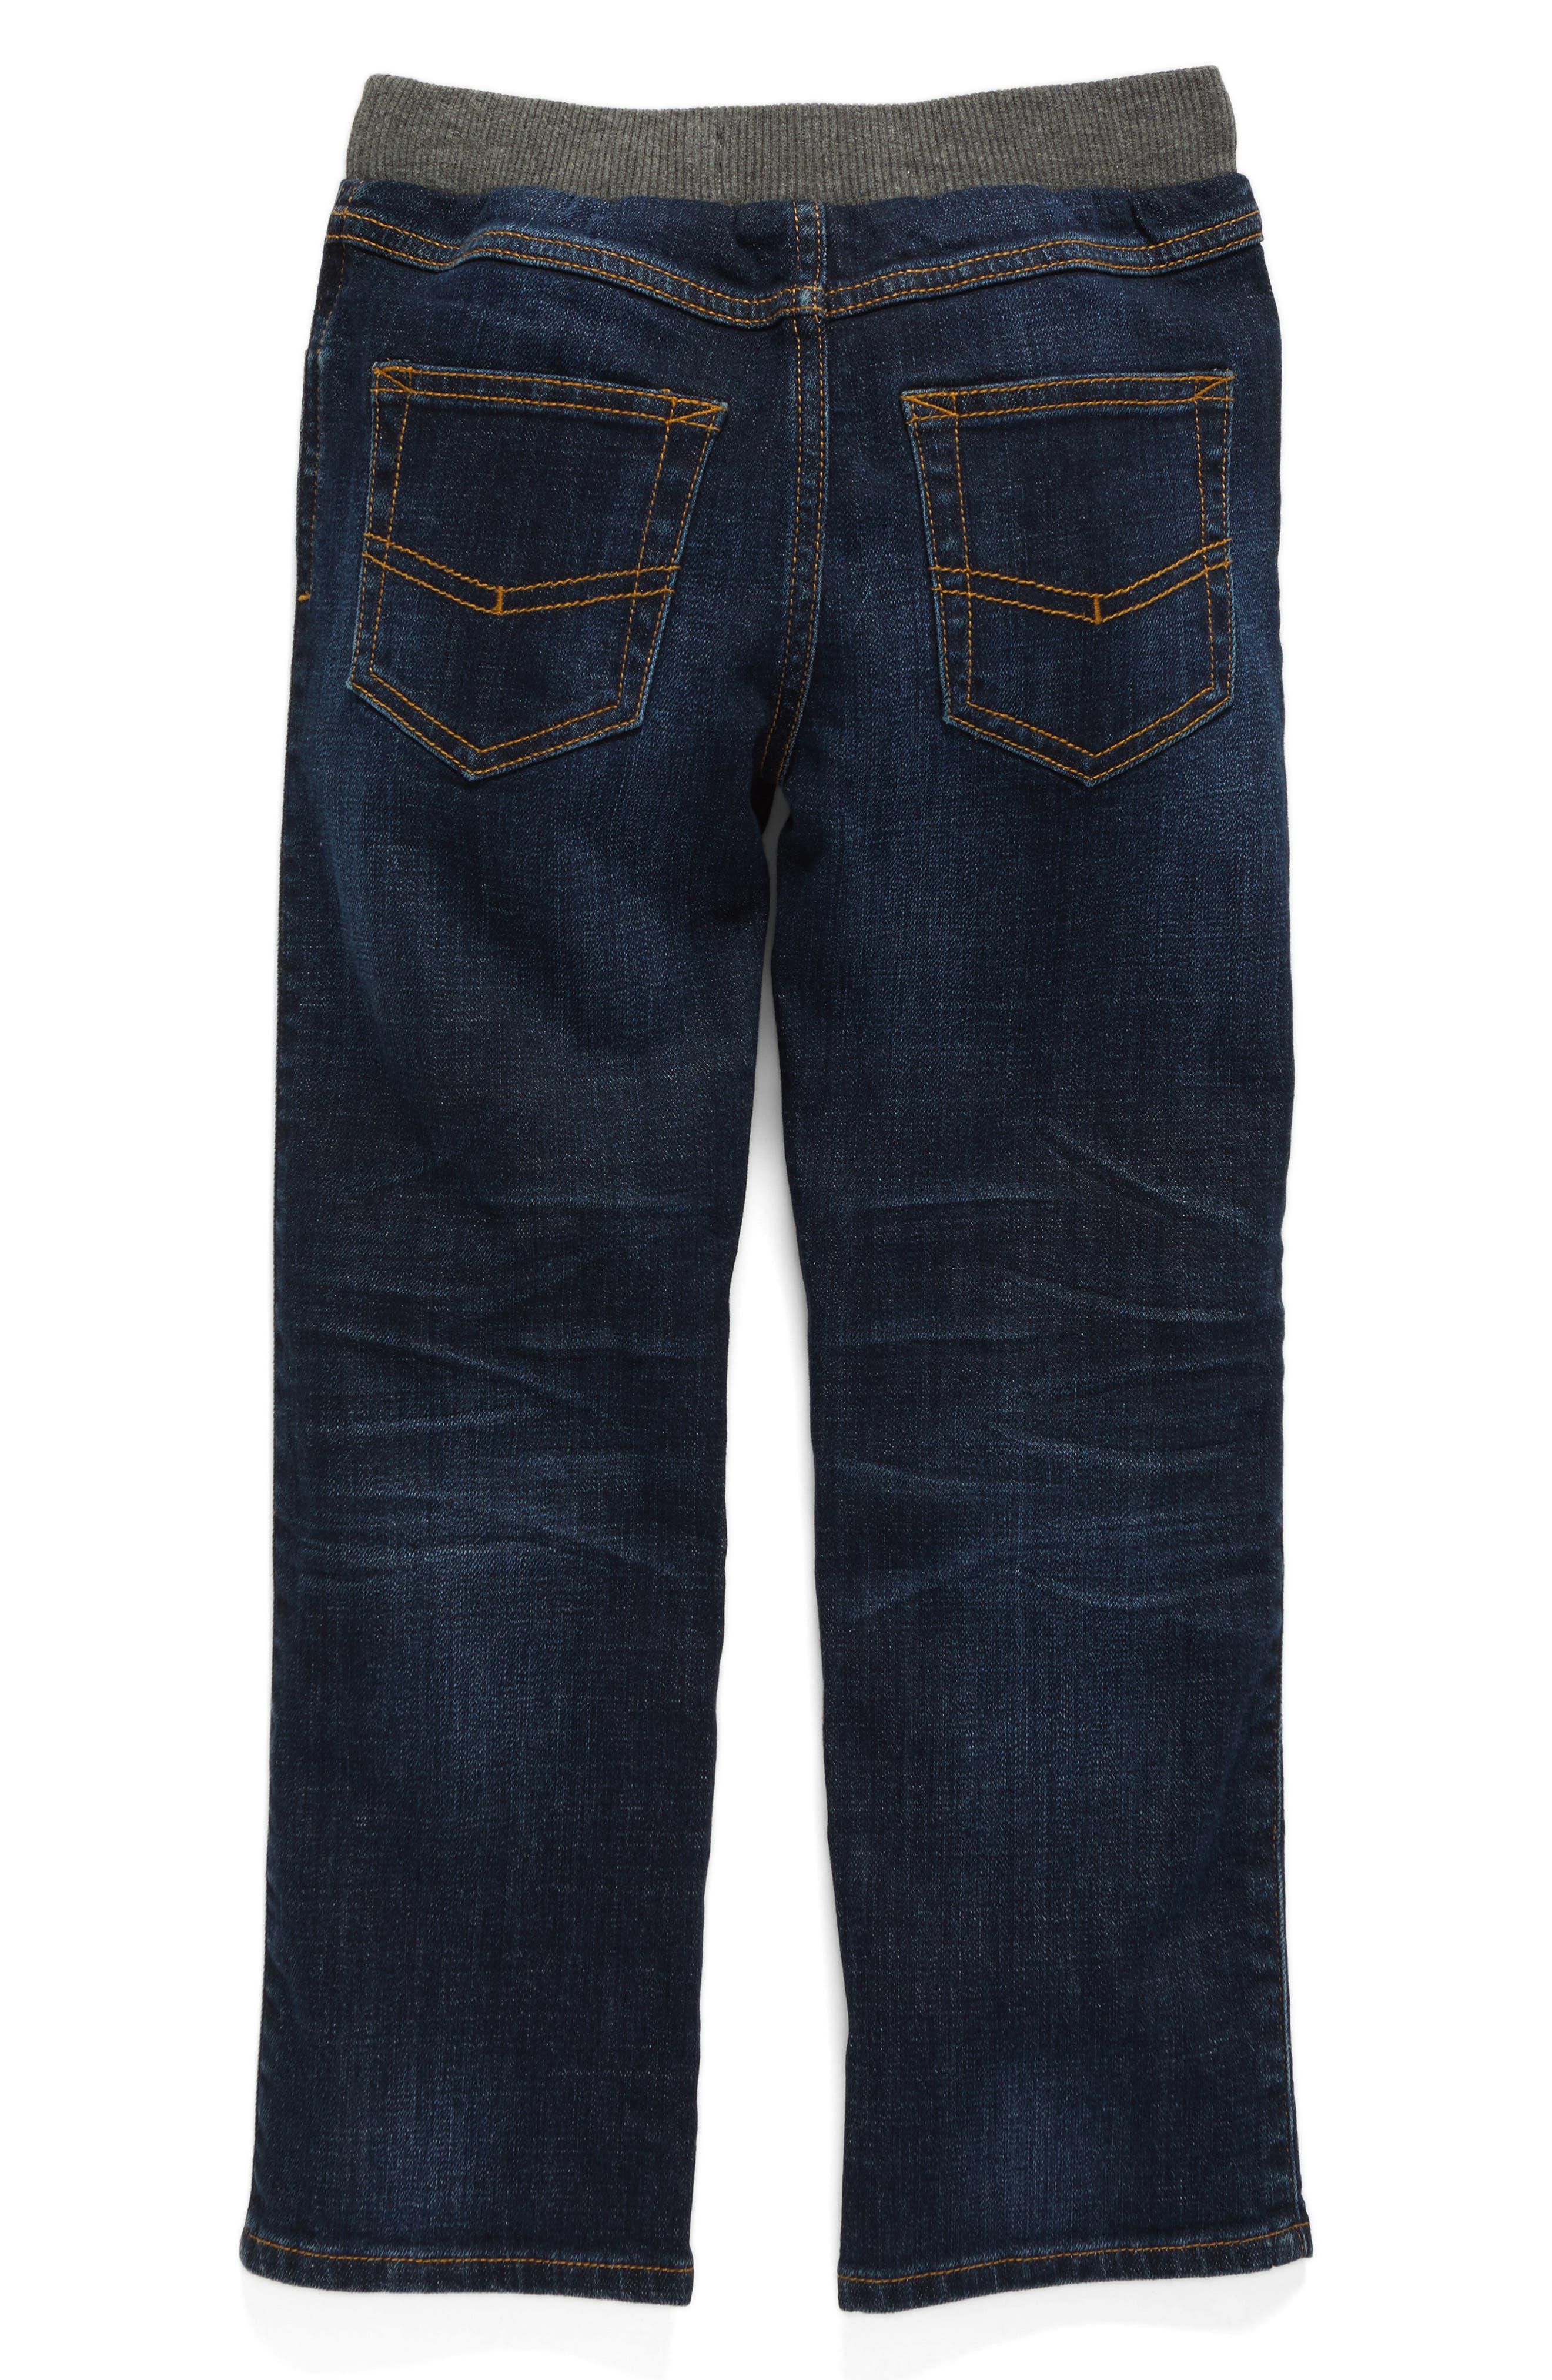 Alternate Image 2  - Tucker + Tate Straight Leg Jeans (Toddler Boys & Little Boys)